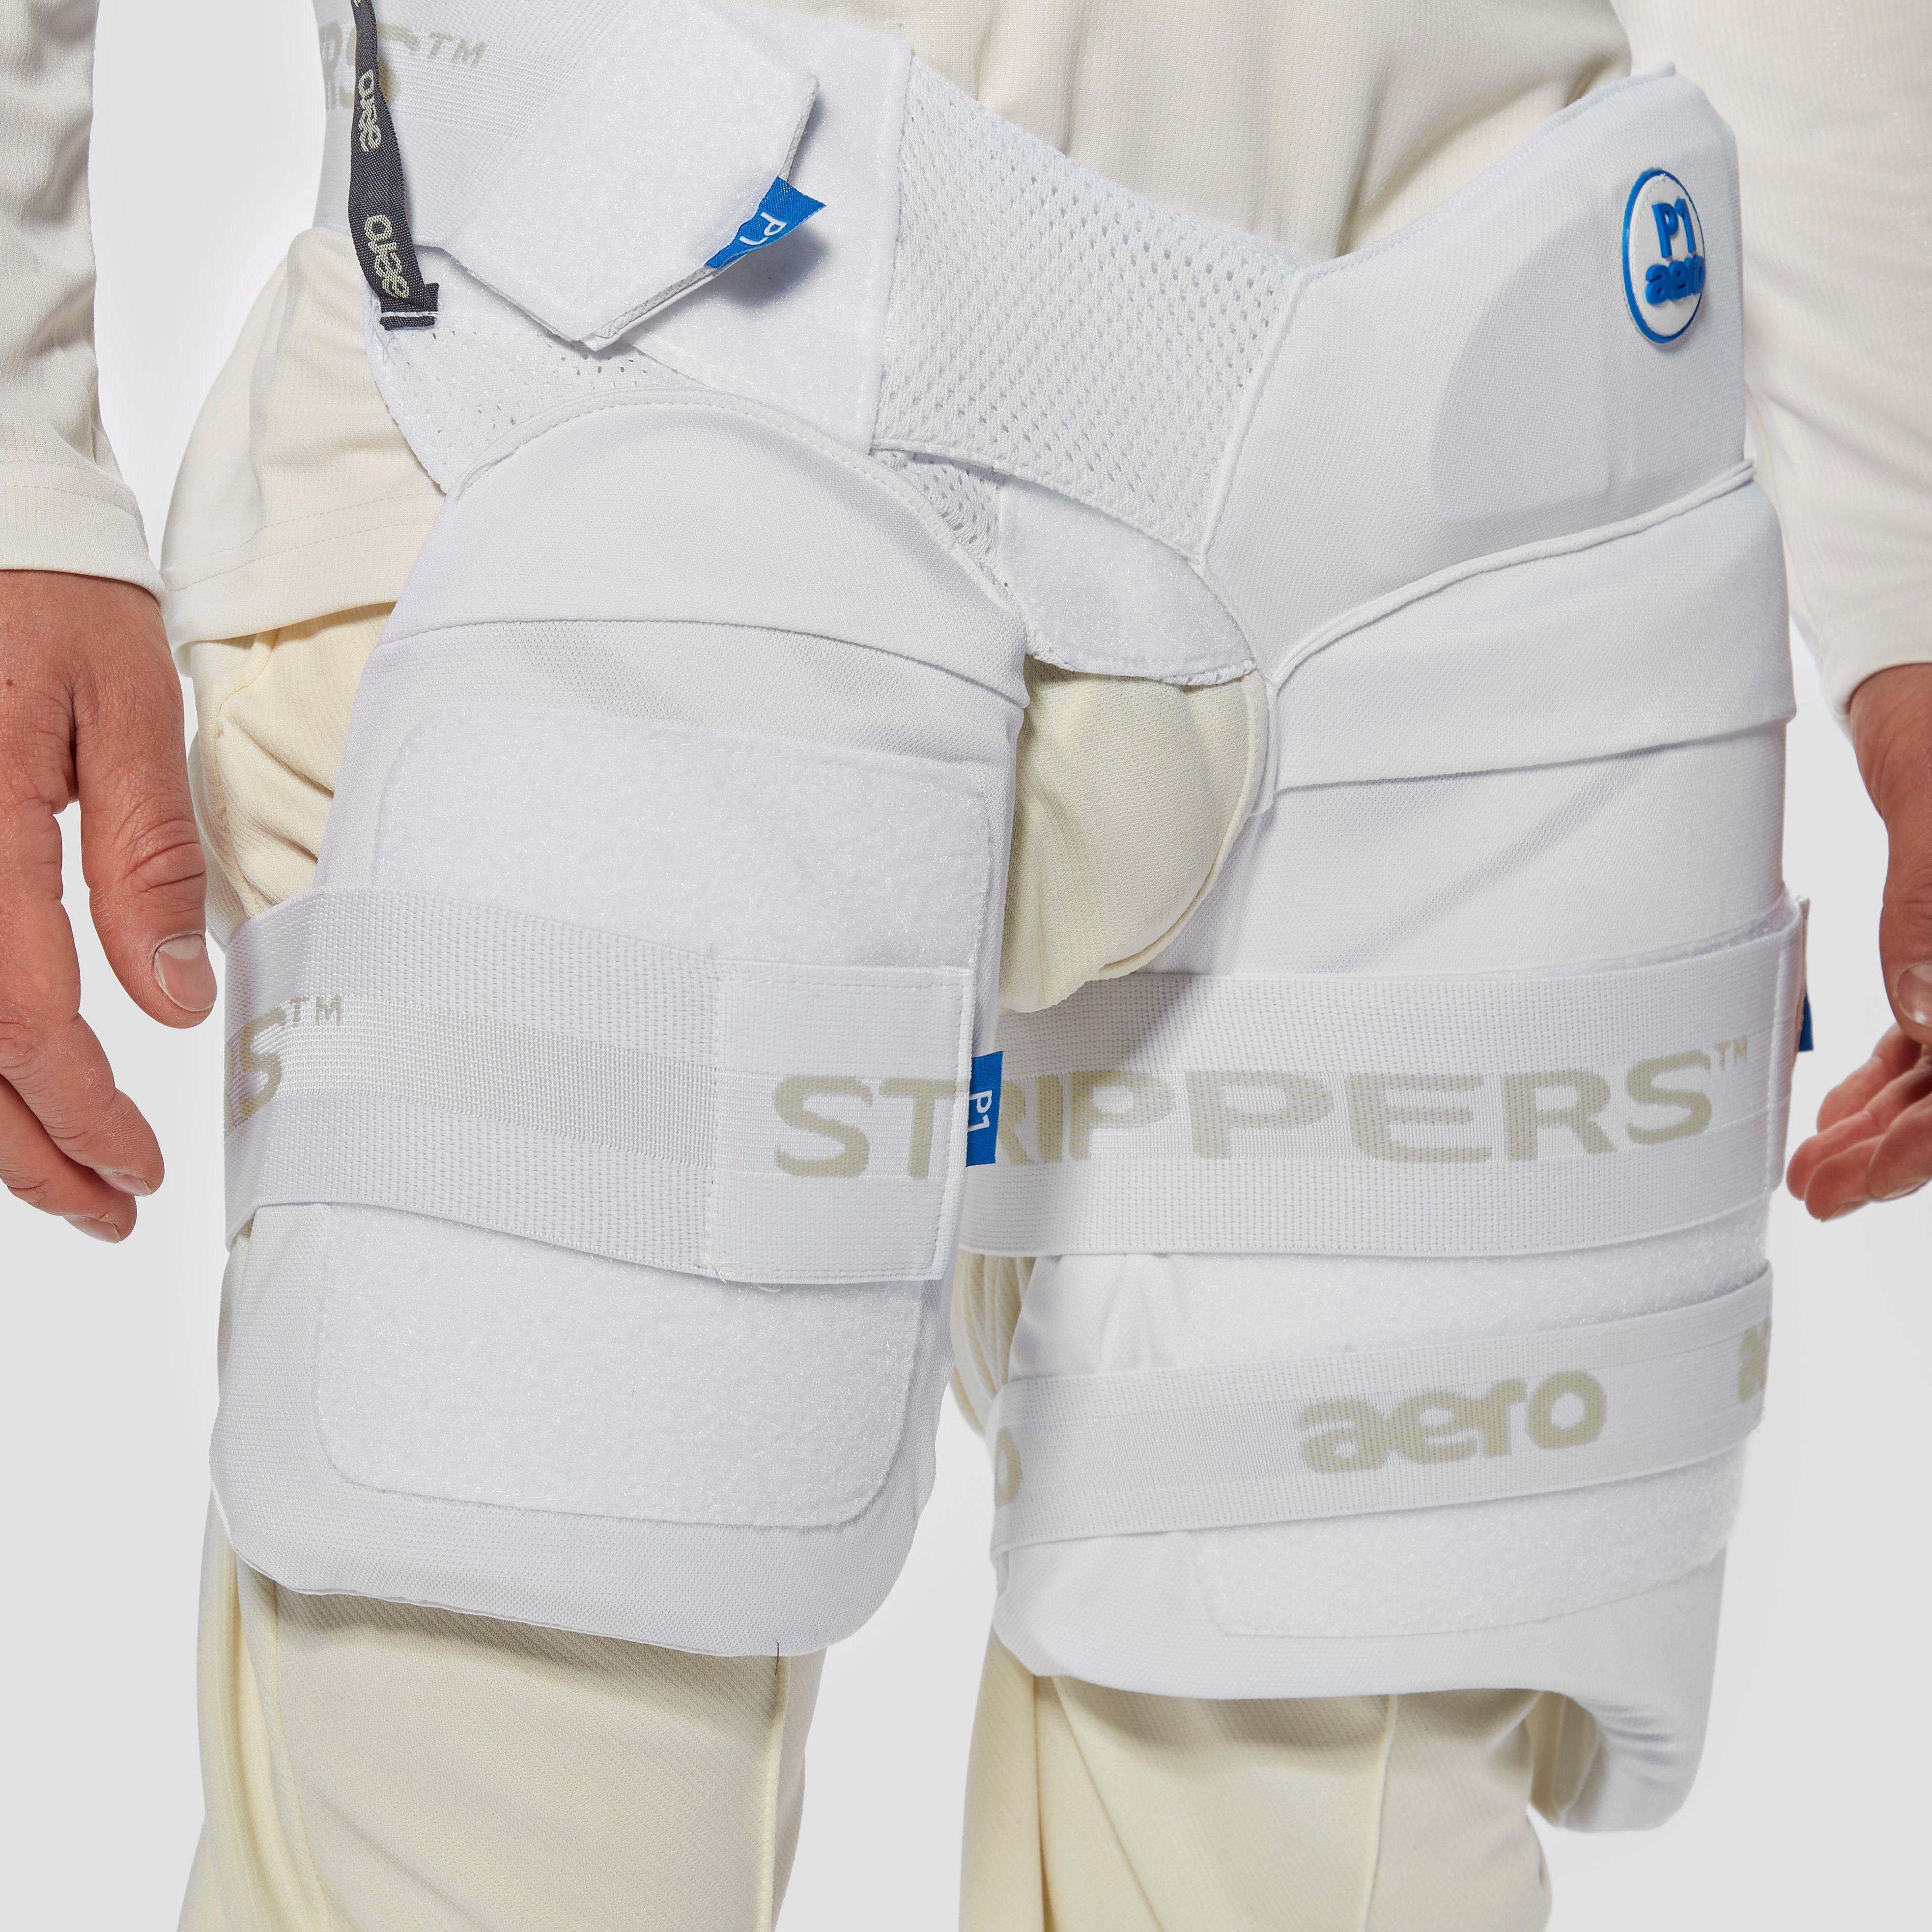 Aero P1 Stripper Lower Body Protector